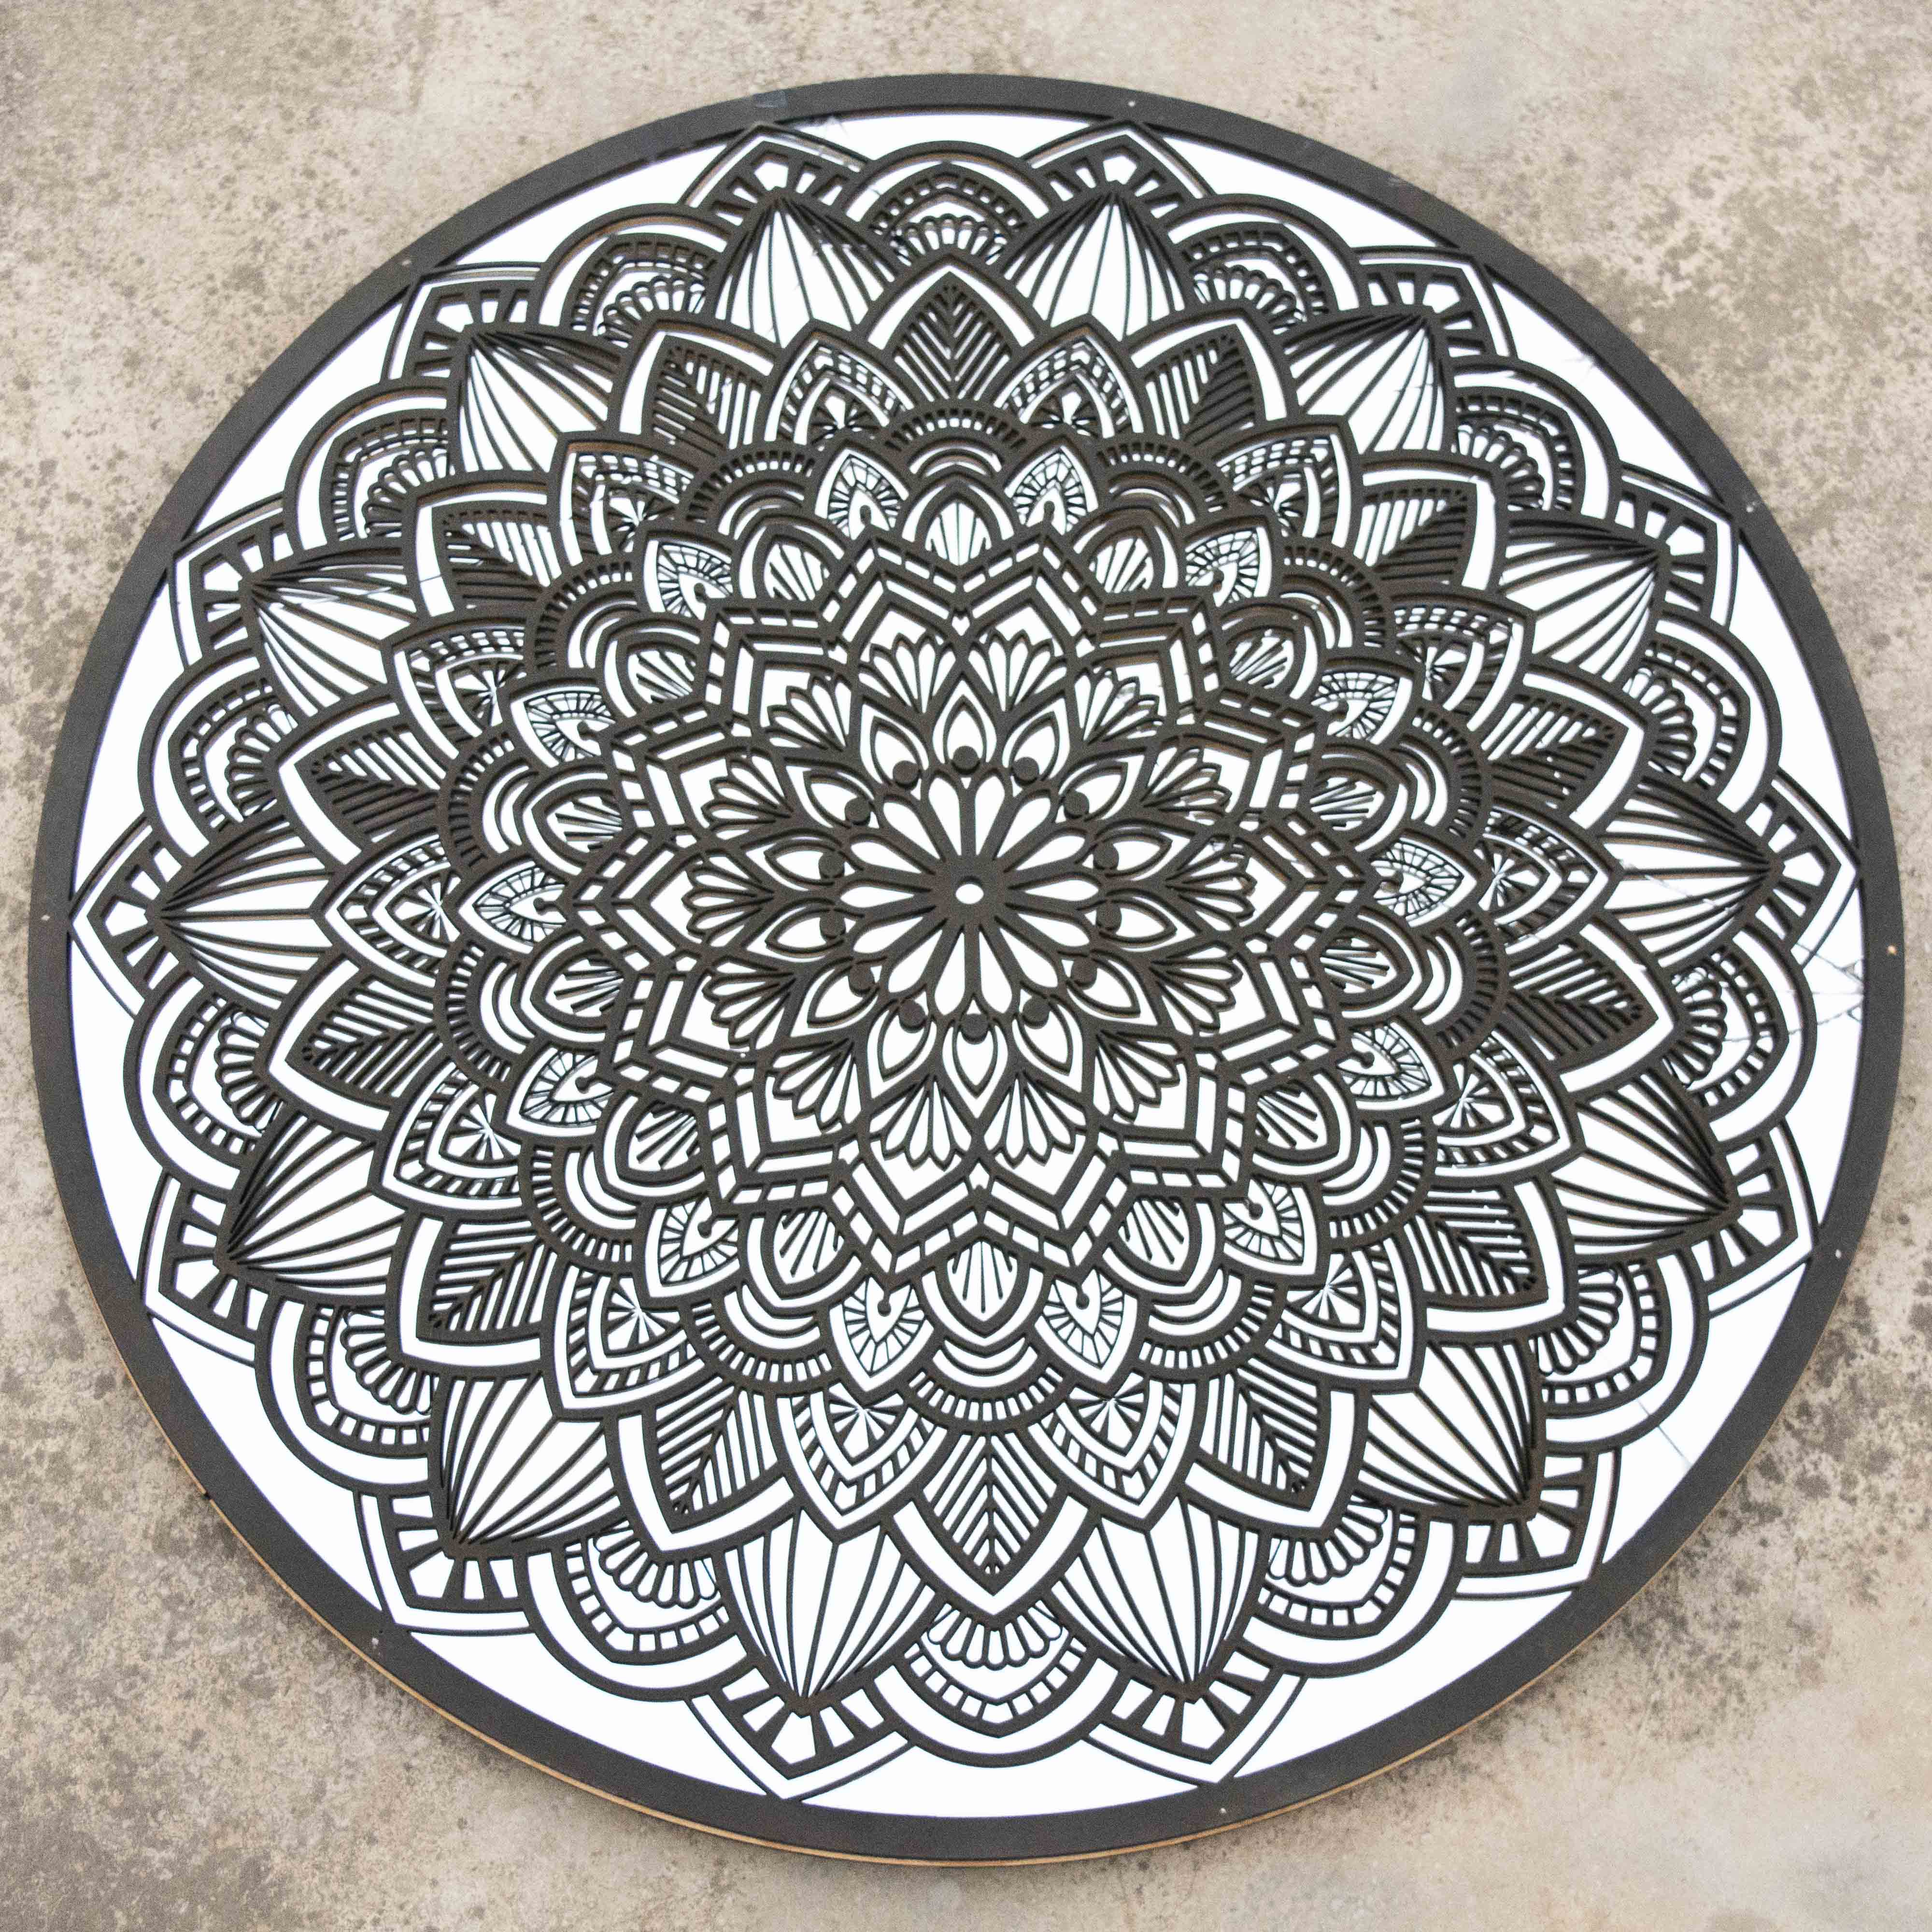 Darpan - Unique Mirror Wall Art by asma design